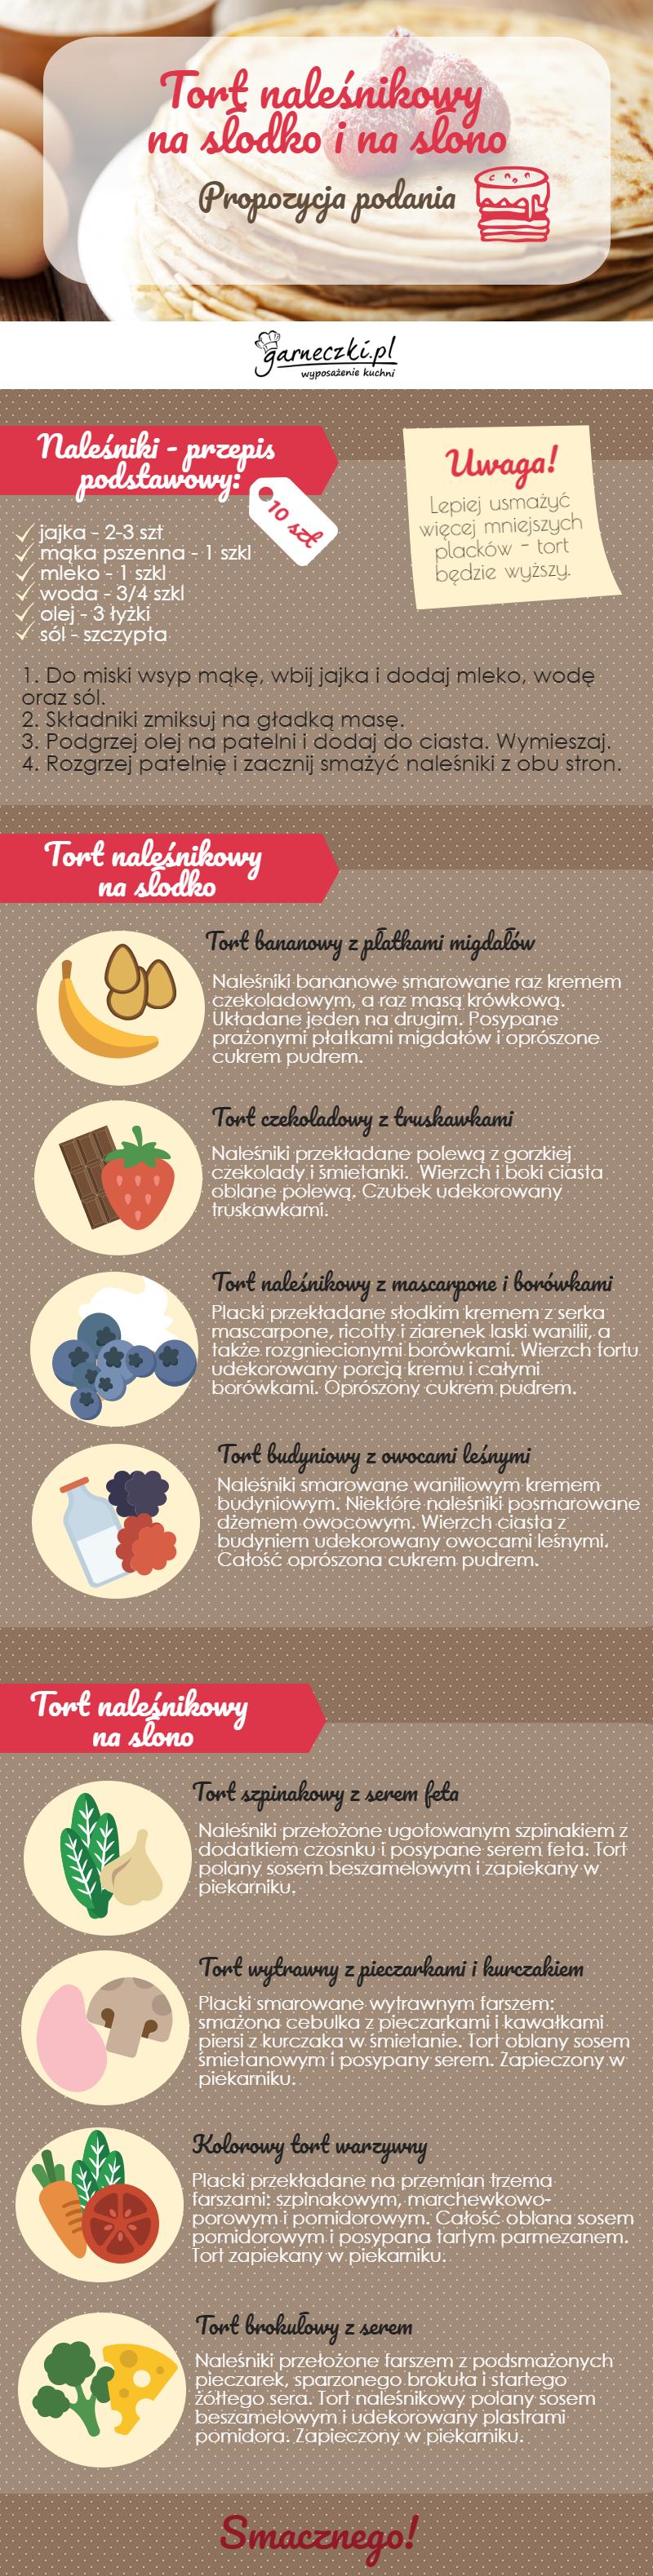 Przepis na tort naleśnikowy na słodko i słono - Infografika